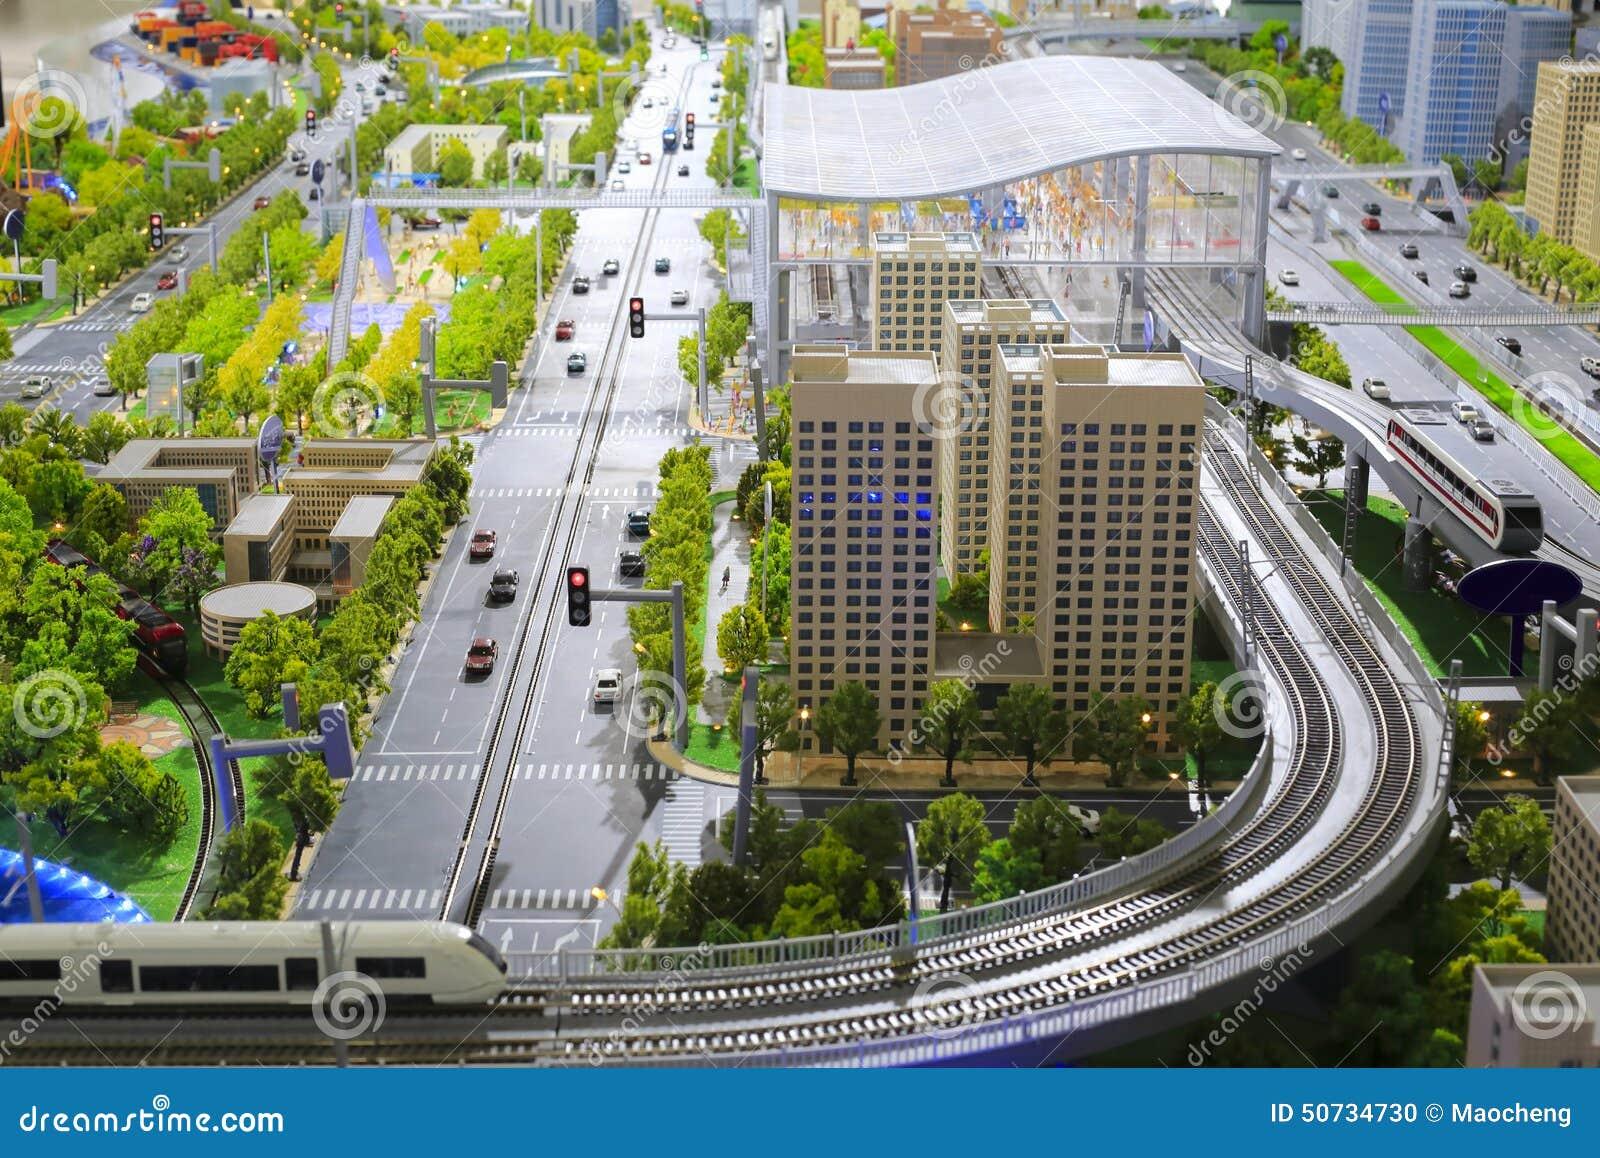 Modelos Do Sistema De Transporte Público Urbano Foto De Stock